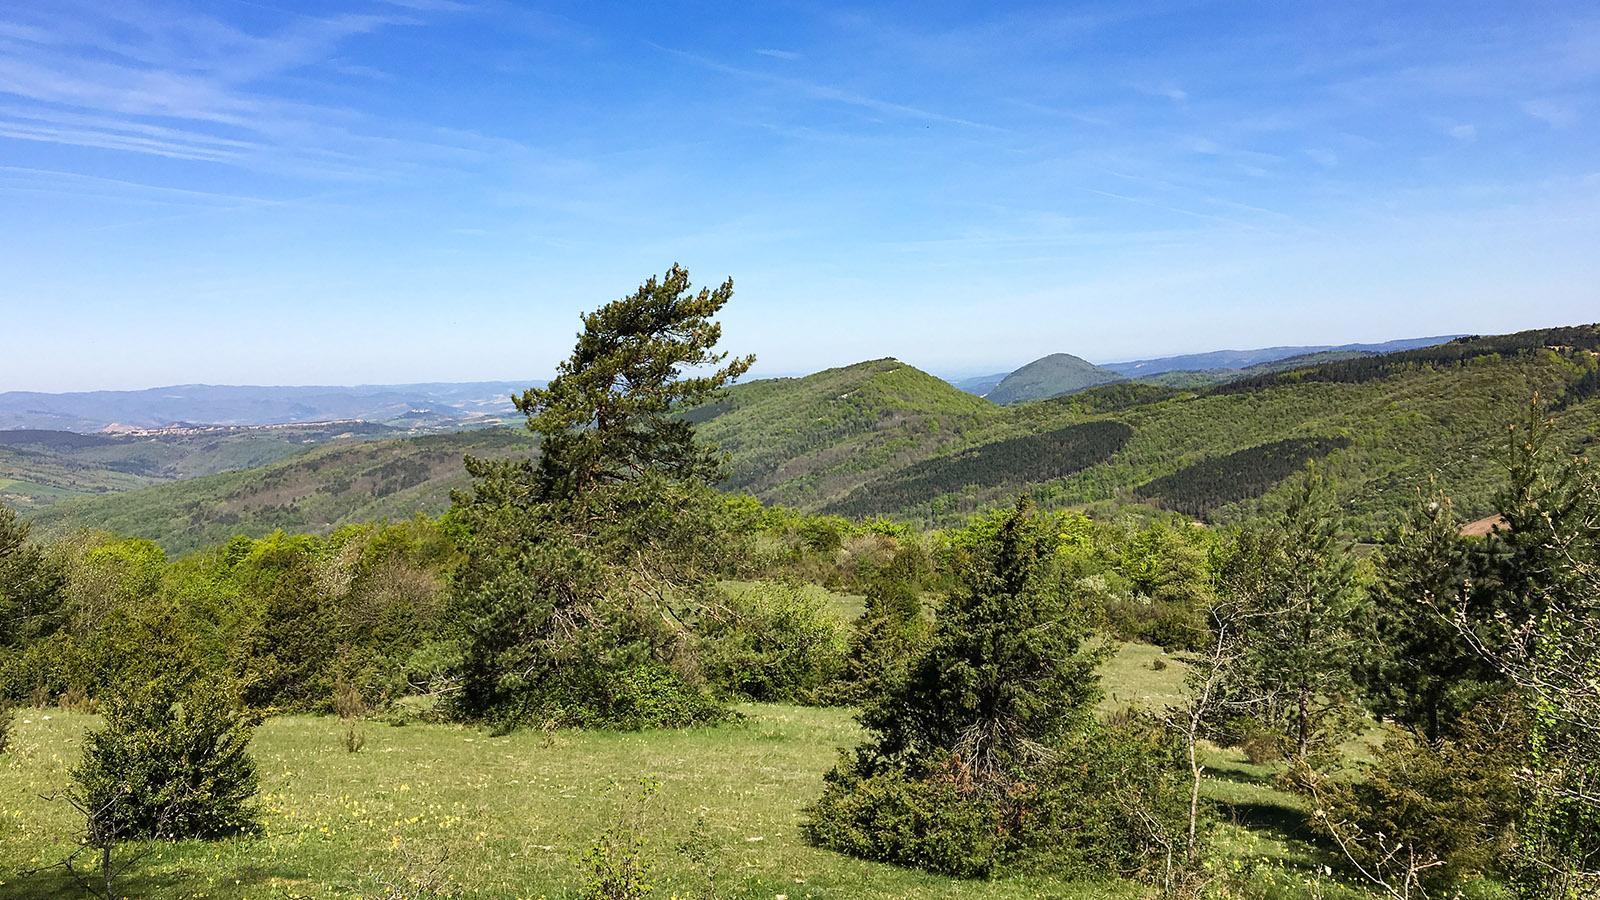 Pech de Bugarach: Im Frühjahr ist diese Bergwiese übersät mit Schlüsselblumen. Foto: Hilke Maunder